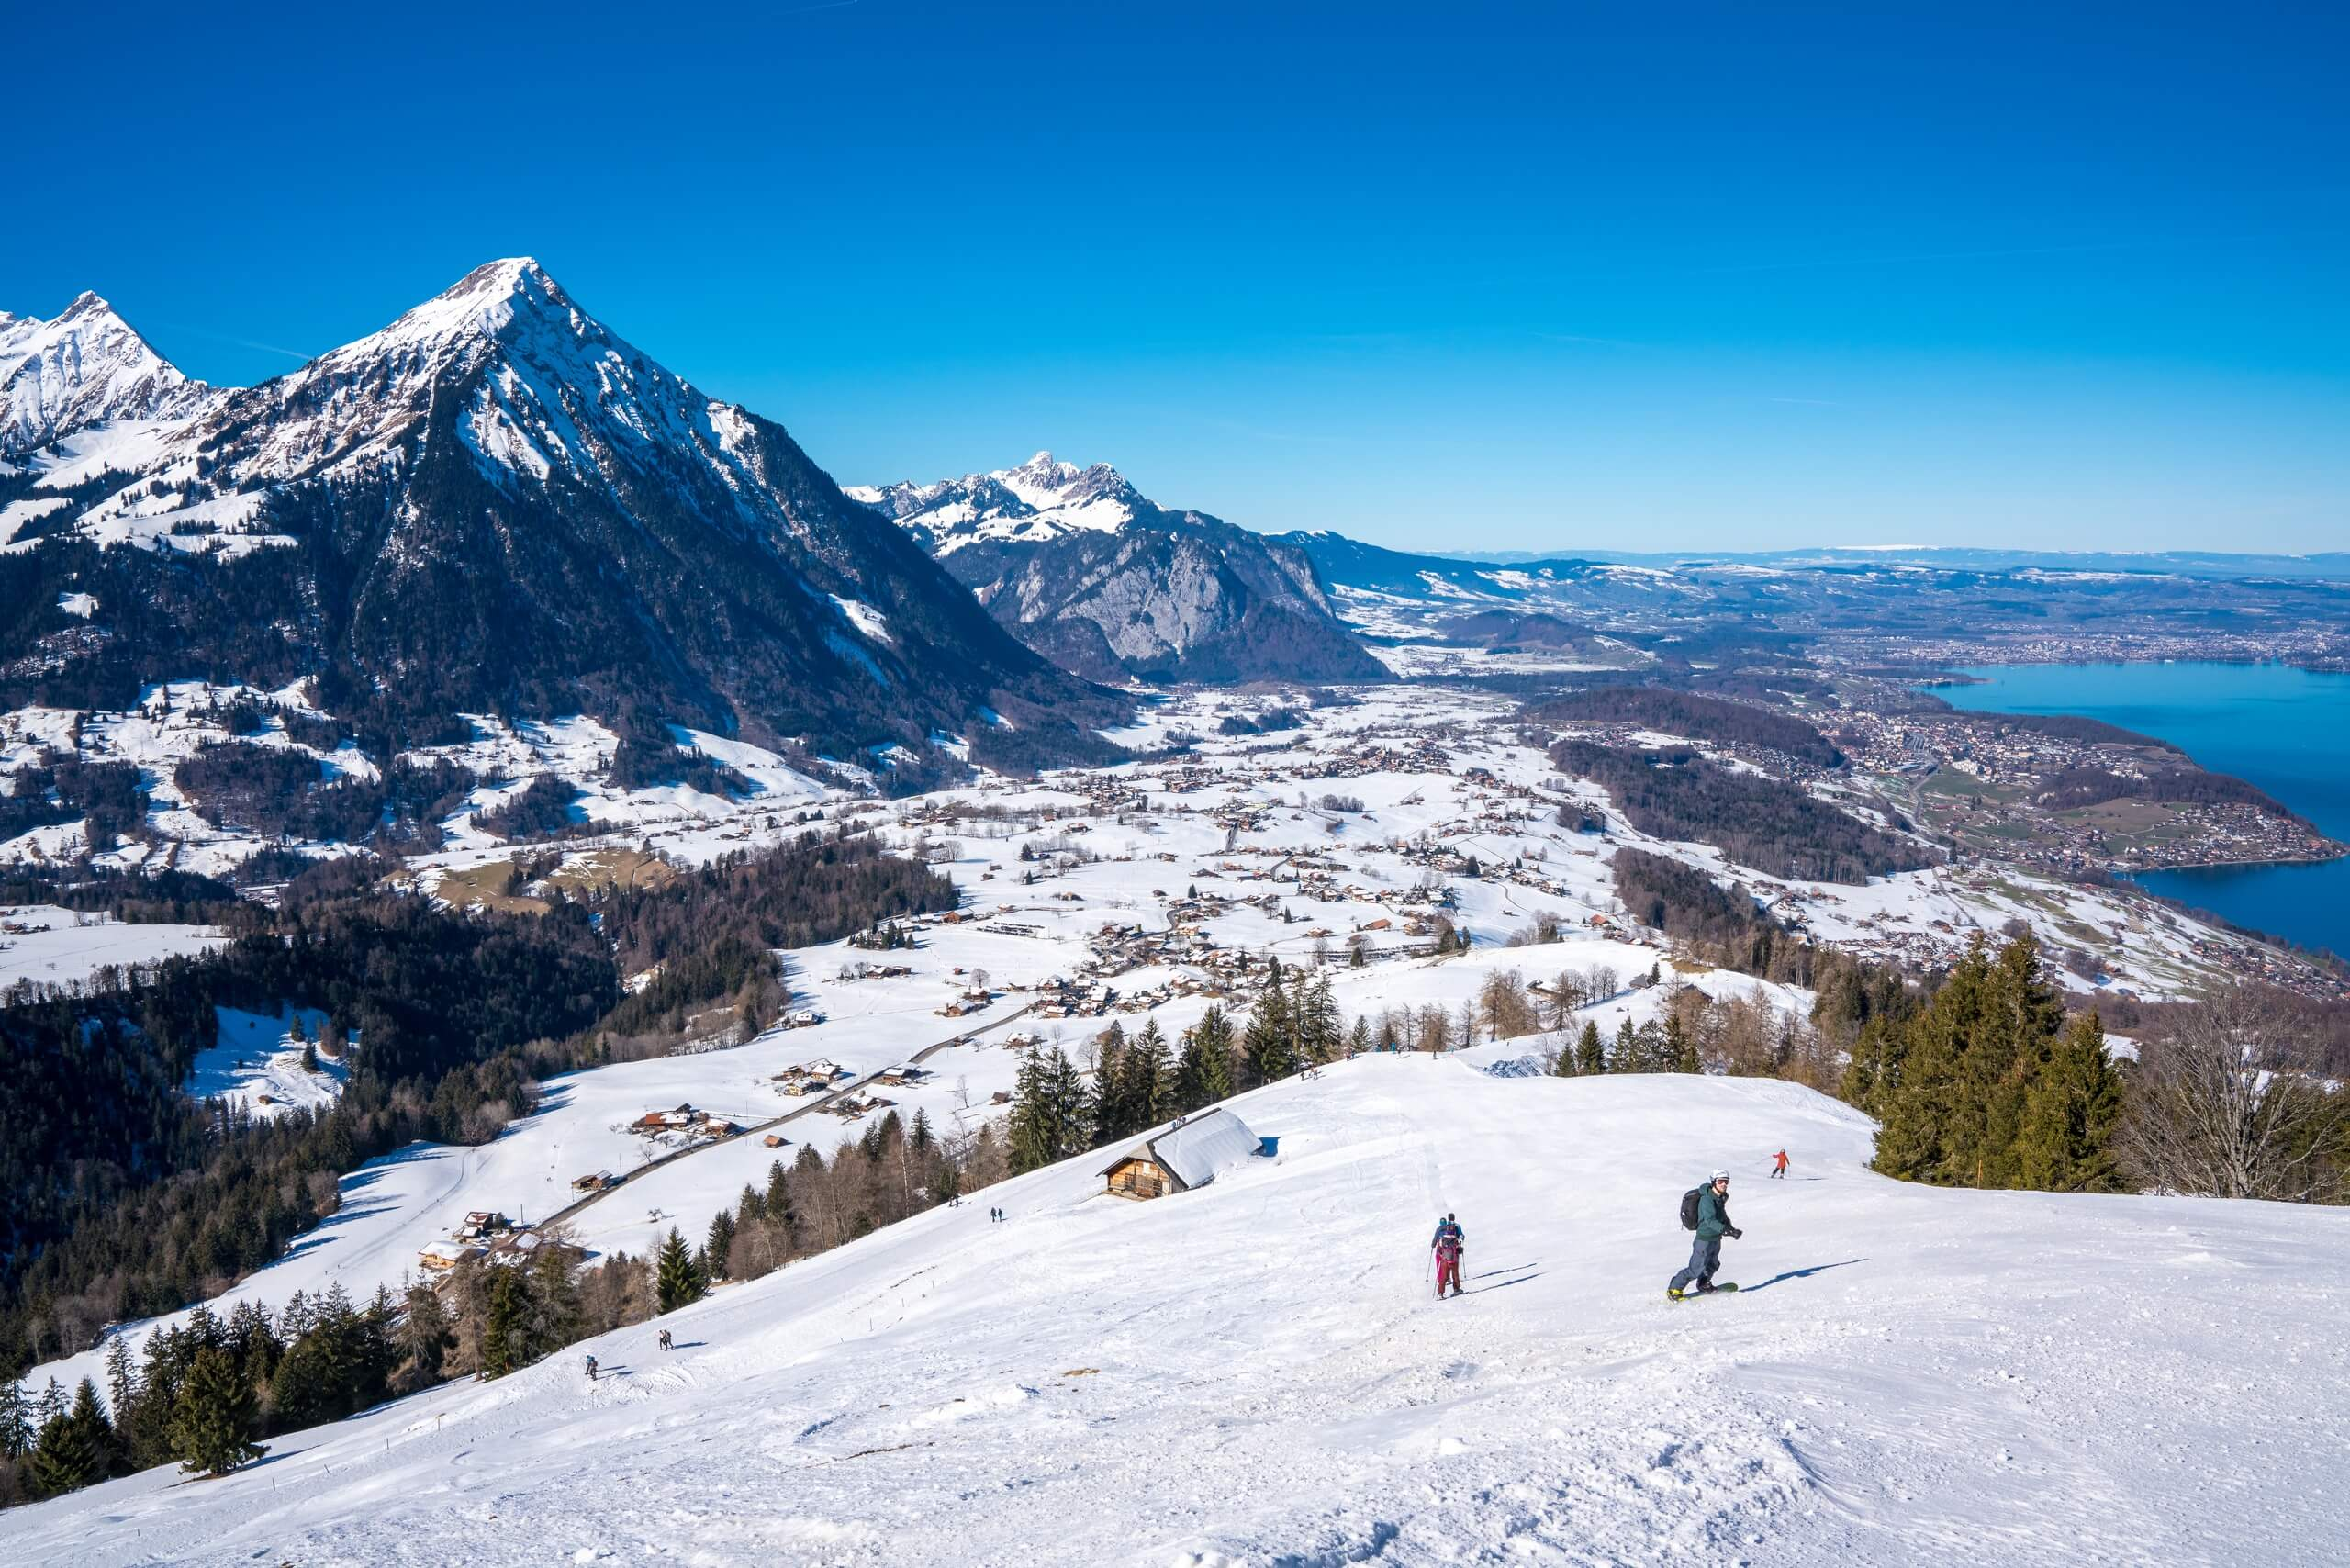 aeschi-skifahren-skigebiet-winter-wintersport